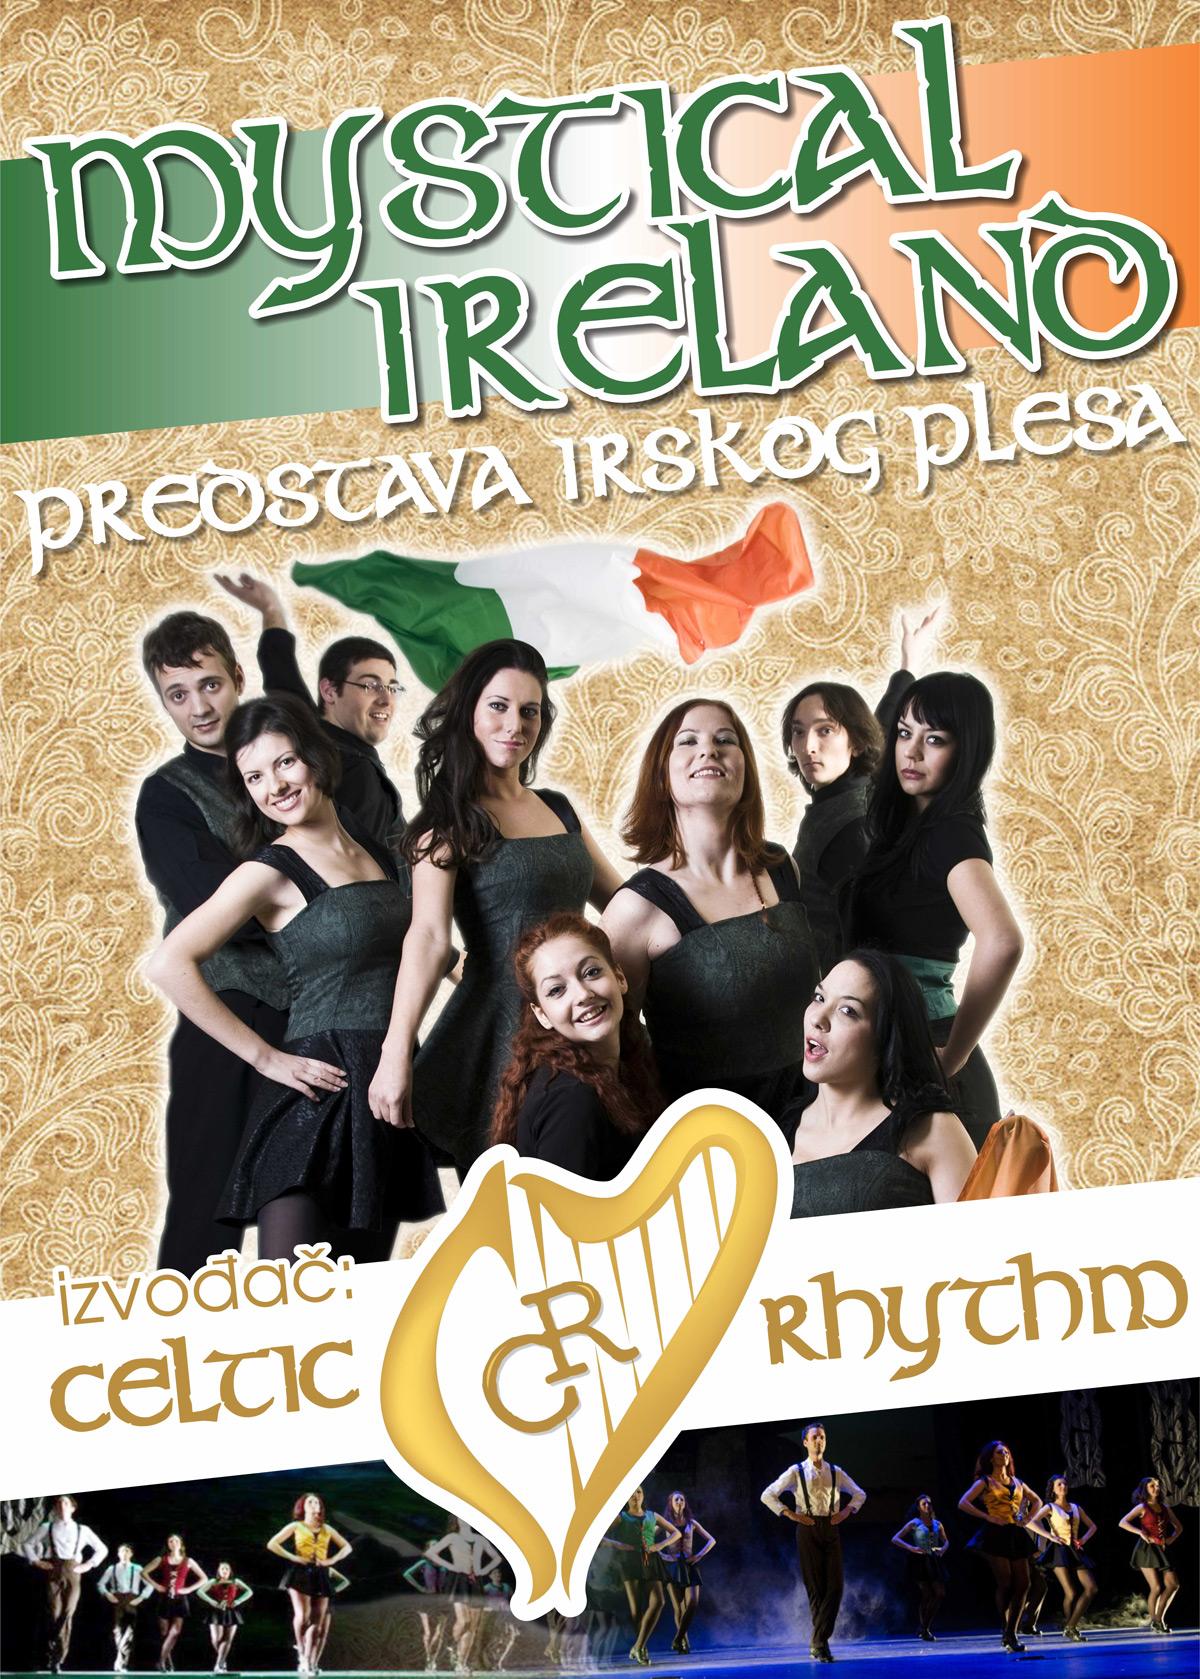 Mystical-Ireland-plakat-slajd